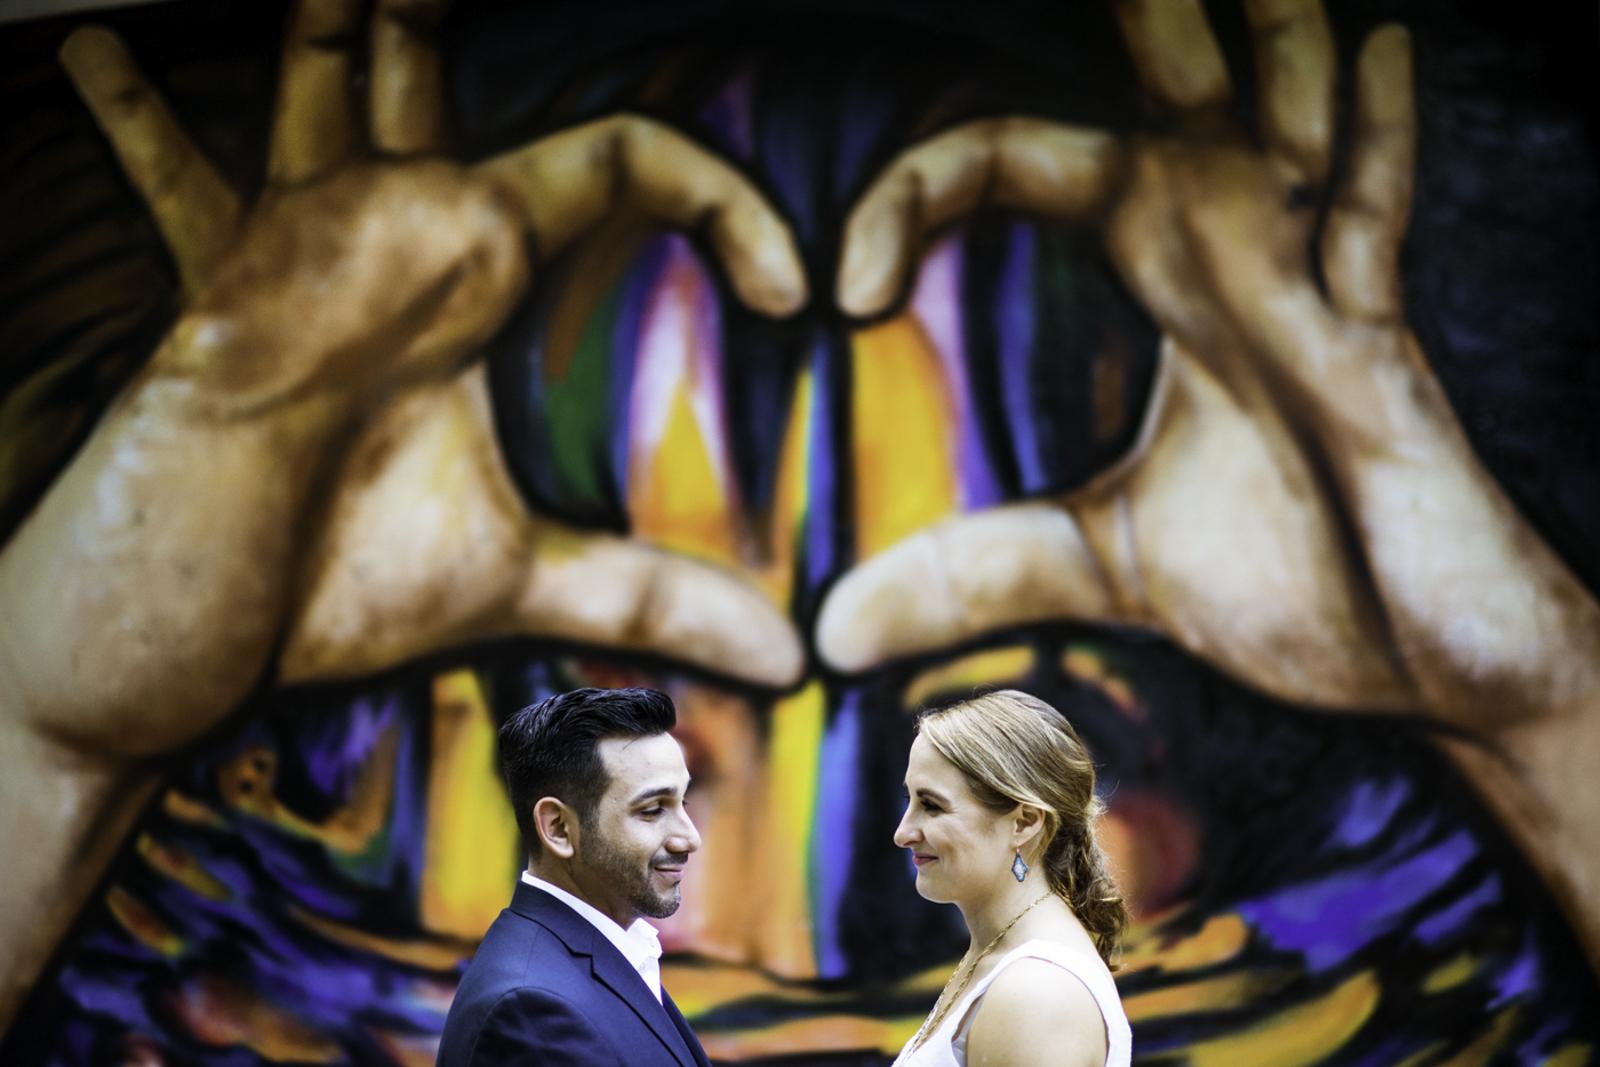 Wedding Photographer - Fine art photography in Puerto Vallarta